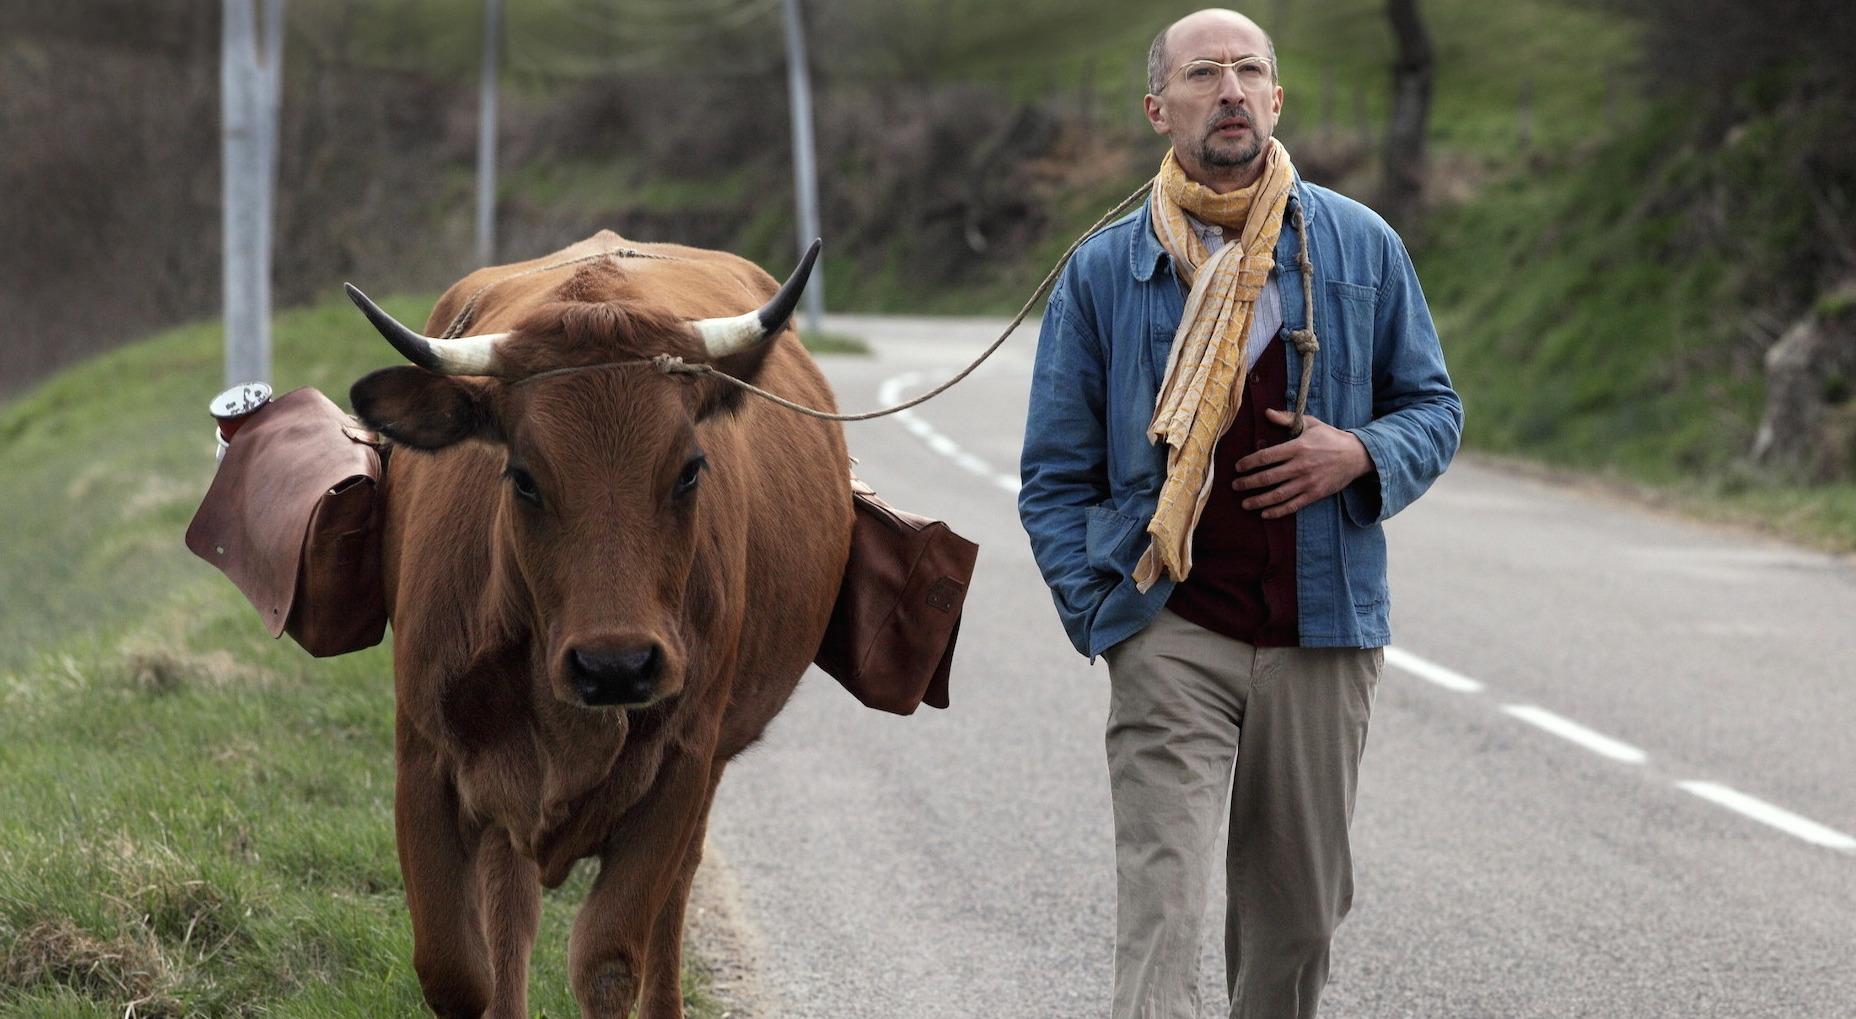 Fatah legt mit seiner geliebten Kuh Jacqueline über 700 Kilometer zu Fuß zurück.